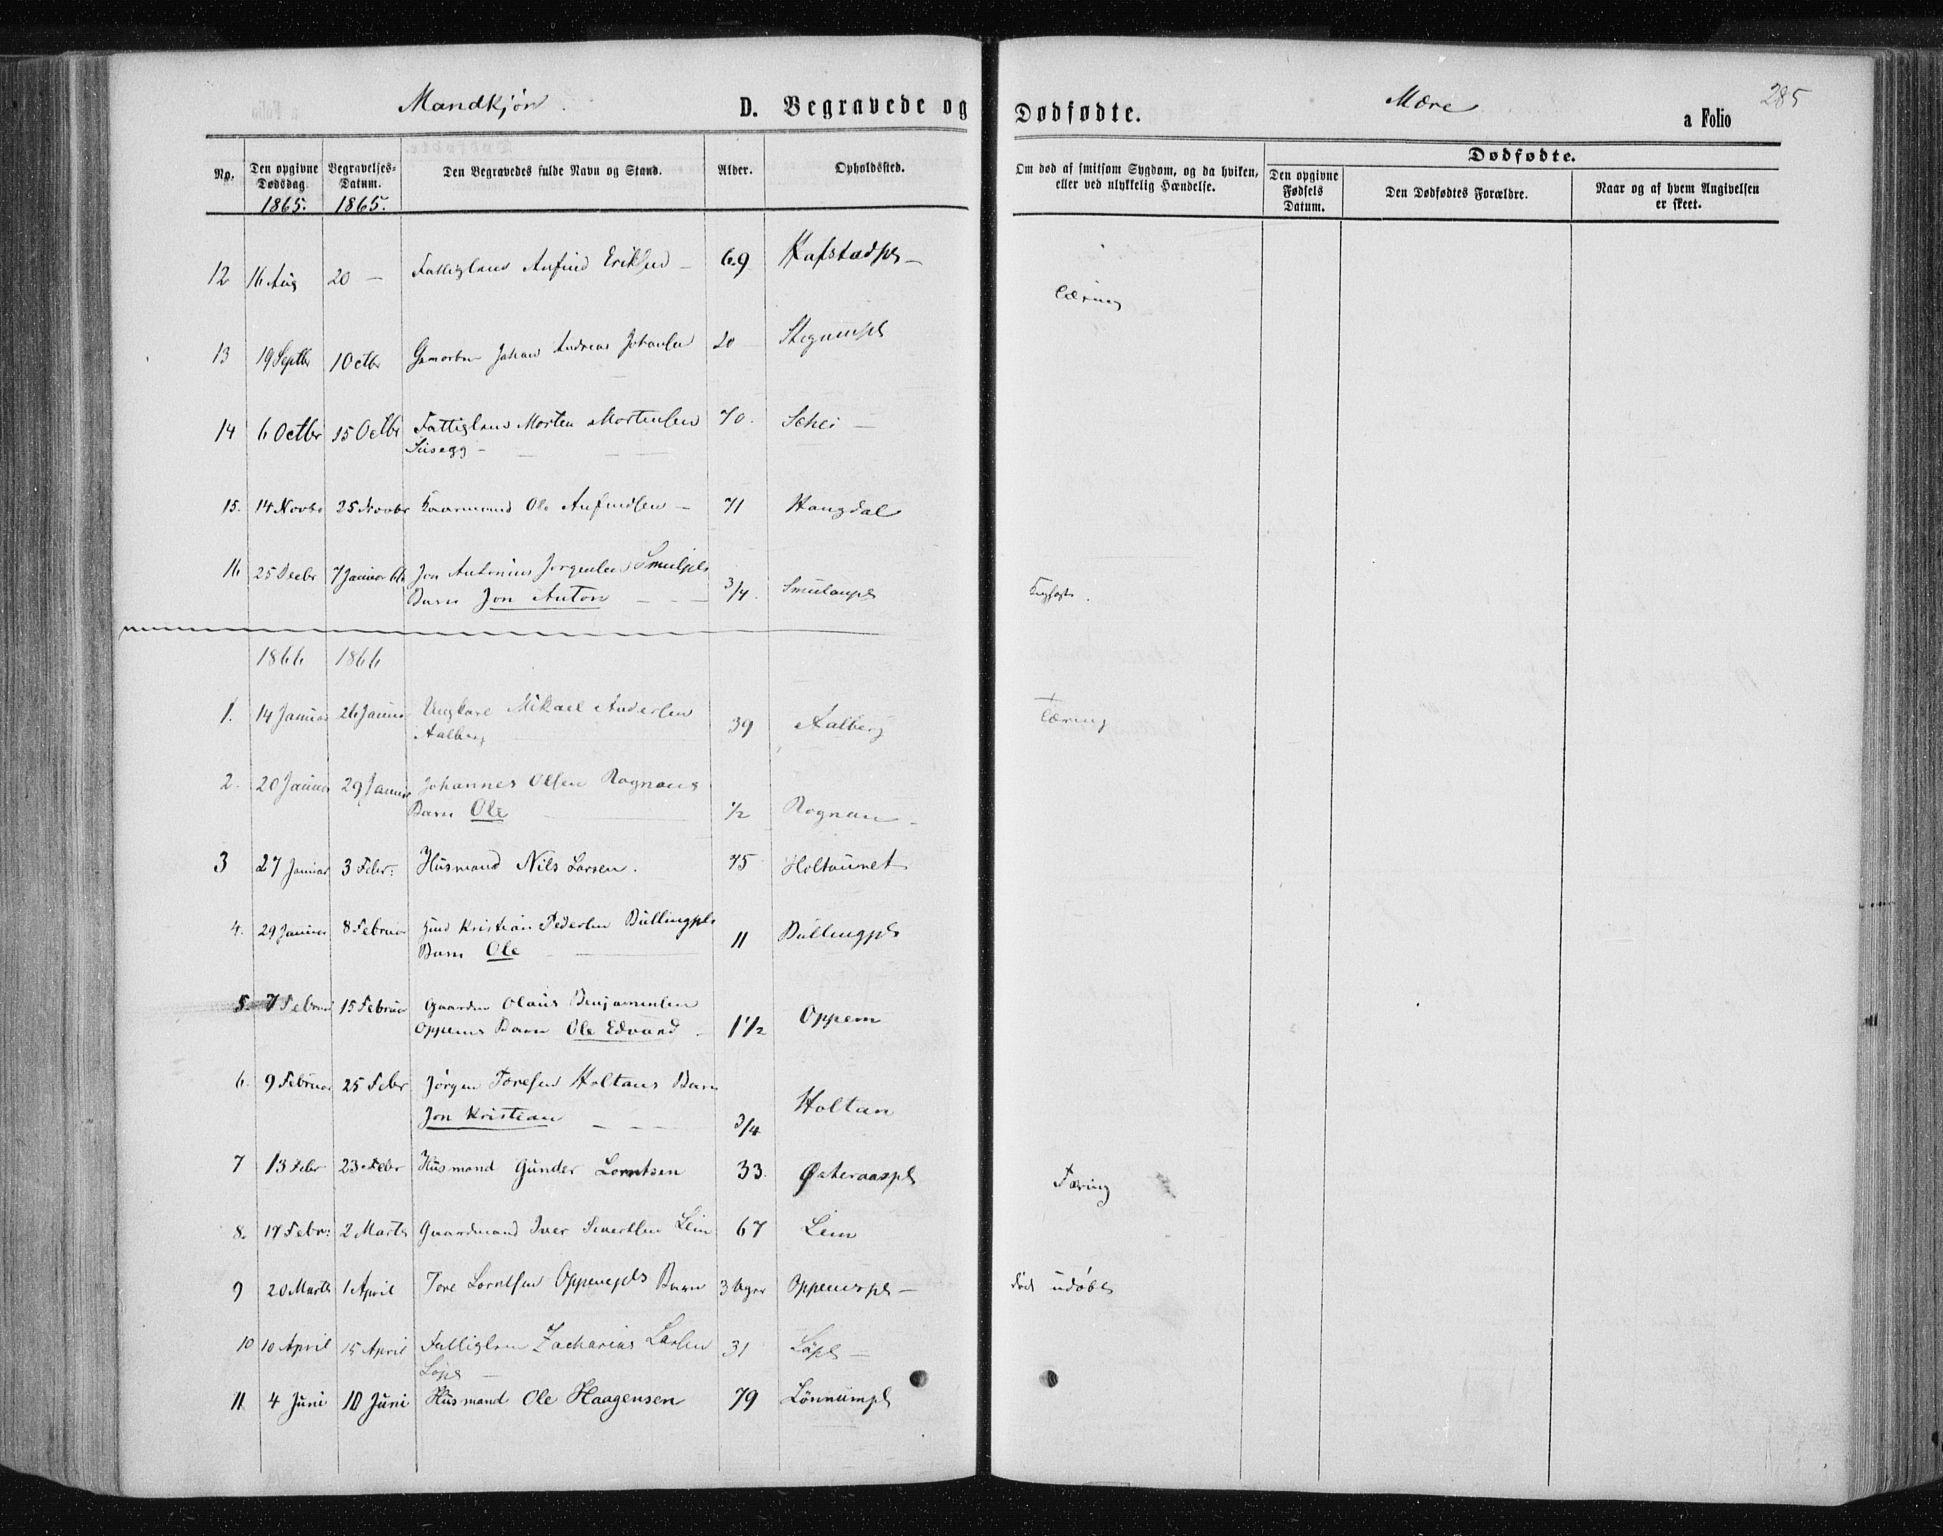 SAT, Ministerialprotokoller, klokkerbøker og fødselsregistre - Nord-Trøndelag, 735/L0345: Ministerialbok nr. 735A08 /1, 1863-1872, s. 285